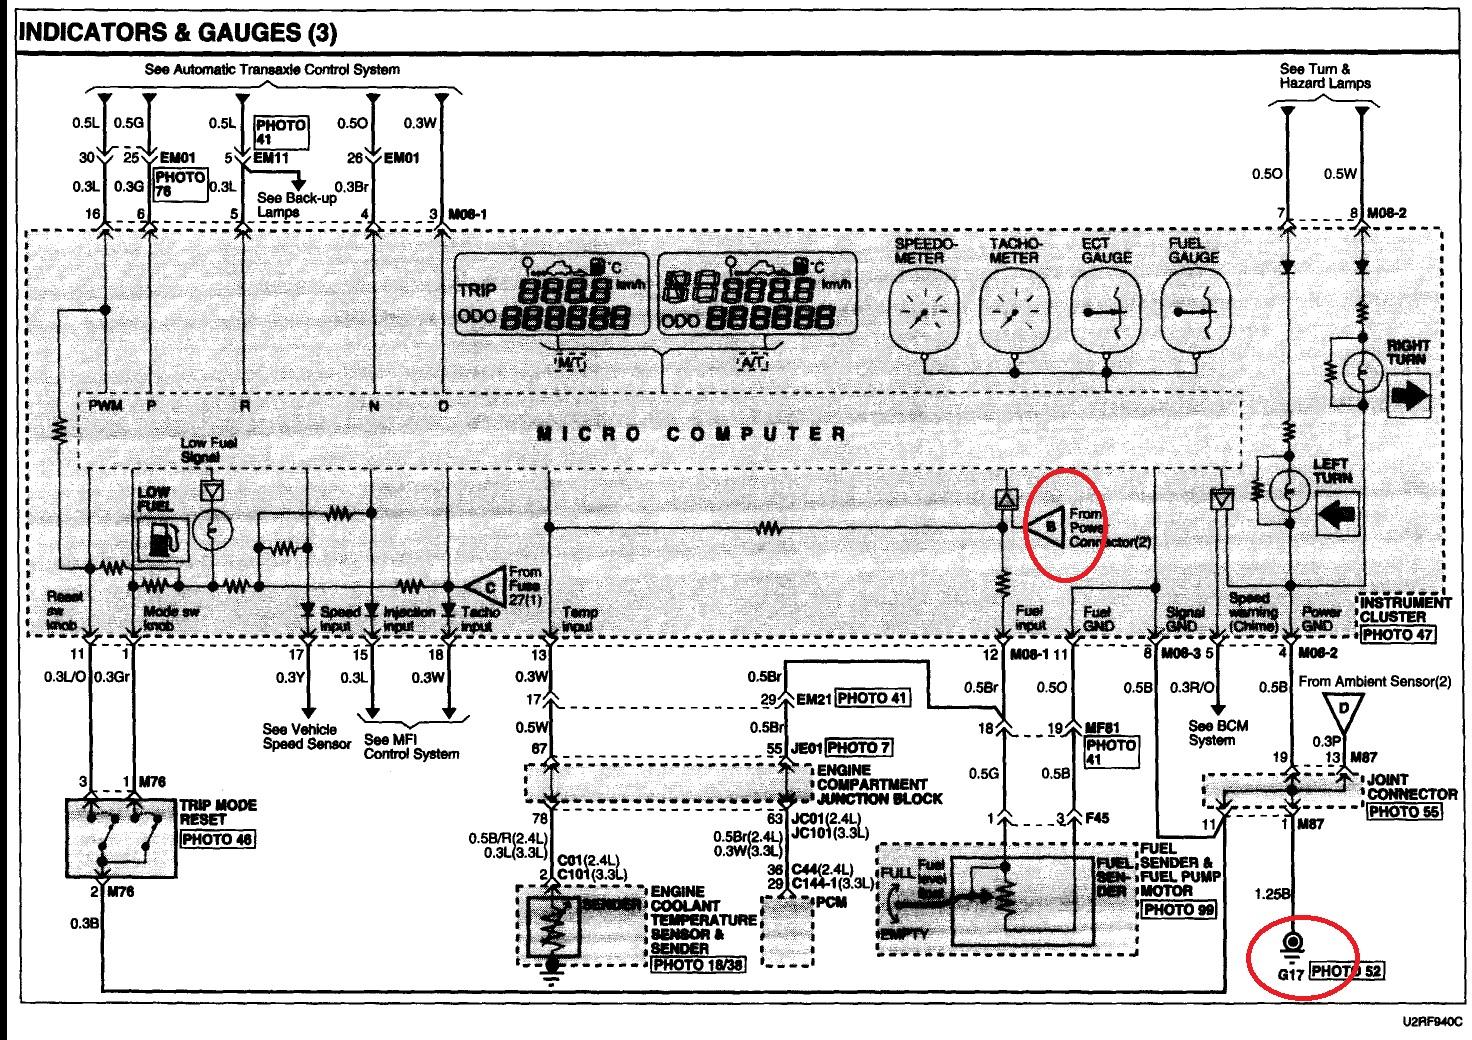 NF_0405] 2011 Hyundai Accent Wiring Diagram Schematic Wiring   Hyundai Accent 2000 Sedan Wiring Diagram Free      Coun Viewor Sapebe Mohammedshrine Librar Wiring 101